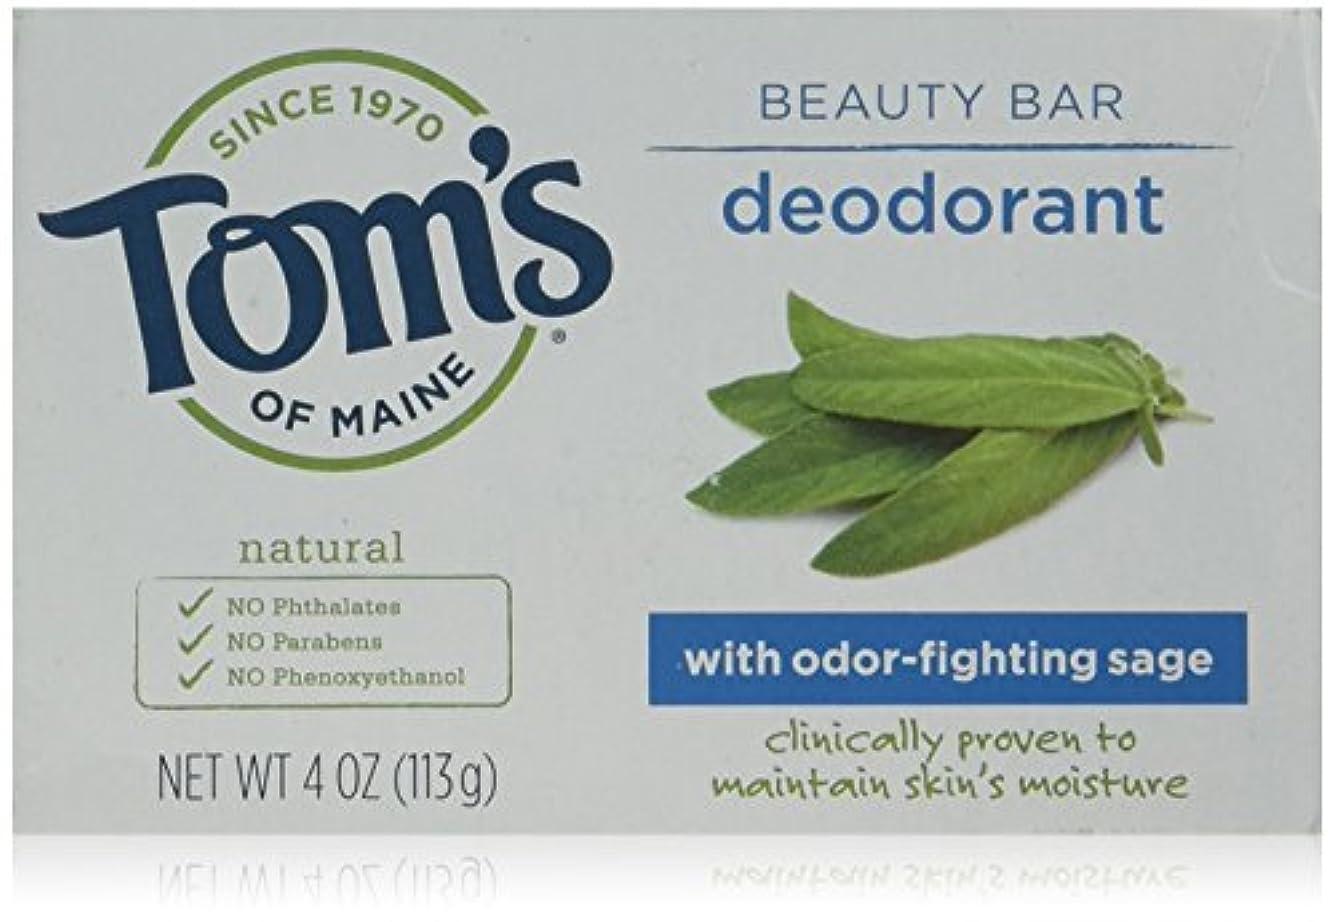 Tom's of Maine Natural Beauty Bar Deodorant Soap ナチュラル ビューティー バー デオドラント ソープ [4oz (113g)] [並行輸入品]